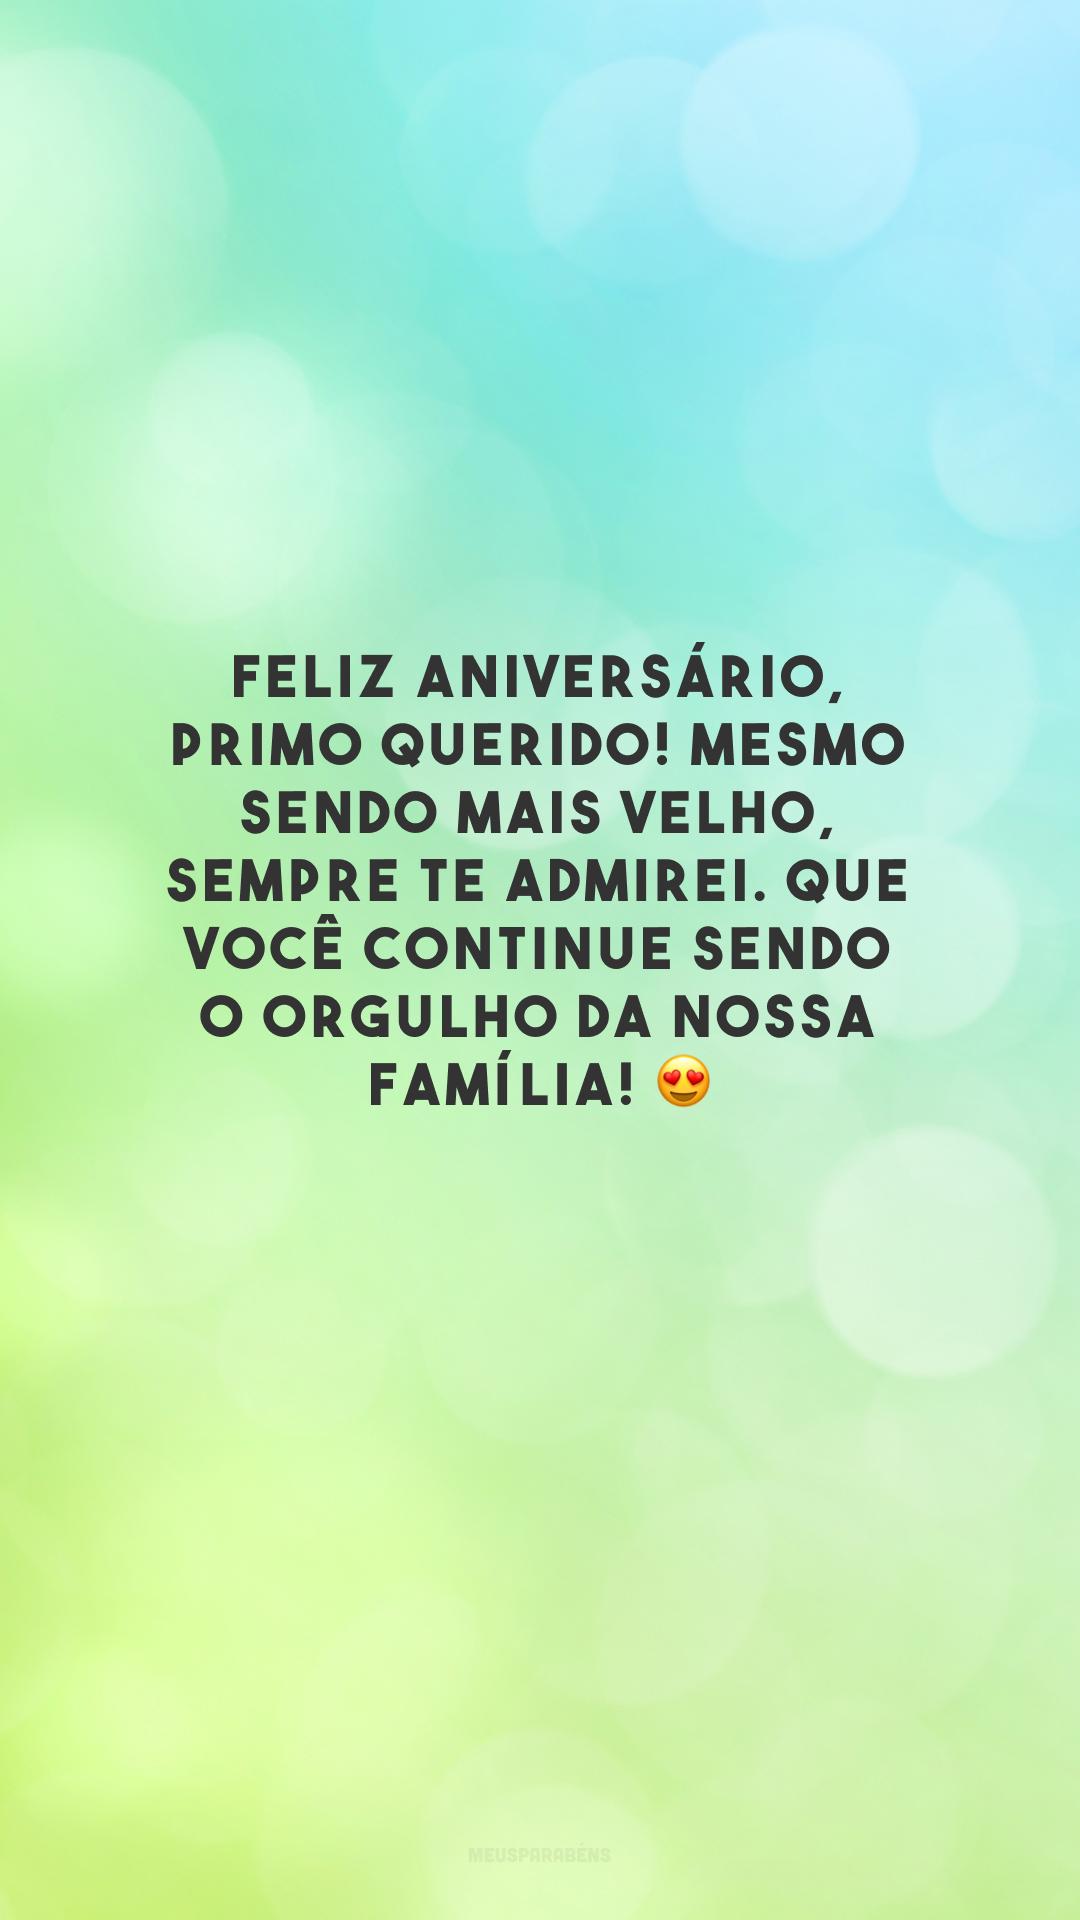 Feliz aniversário, primo querido! Mesmo sendo mais velho, sempre te admirei. Que você continue sendo o orgulho da nossa família! 😍